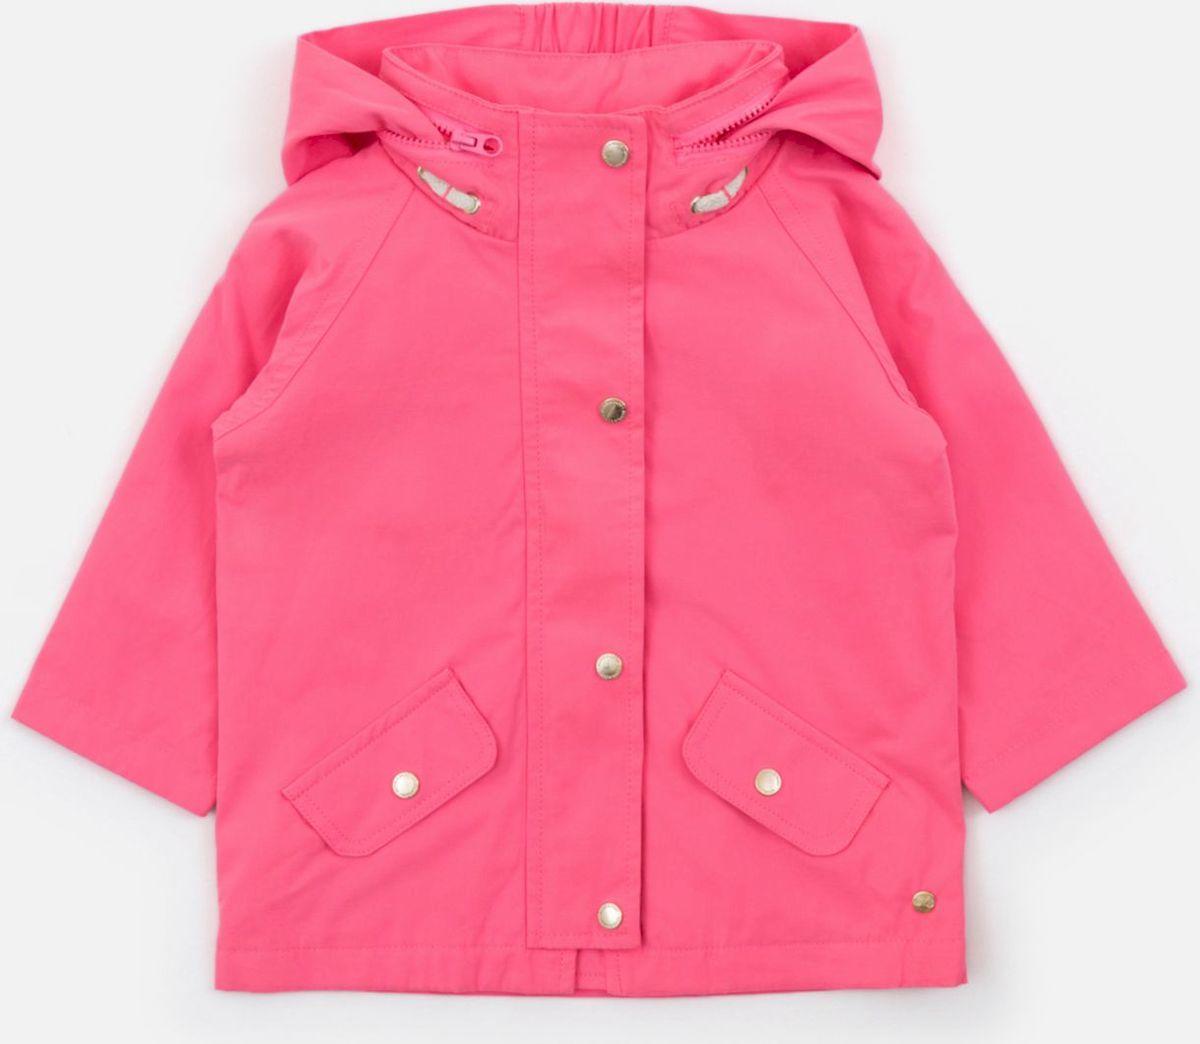 купить Куртка Acoola Acoola Baby по цене 1499 рублей